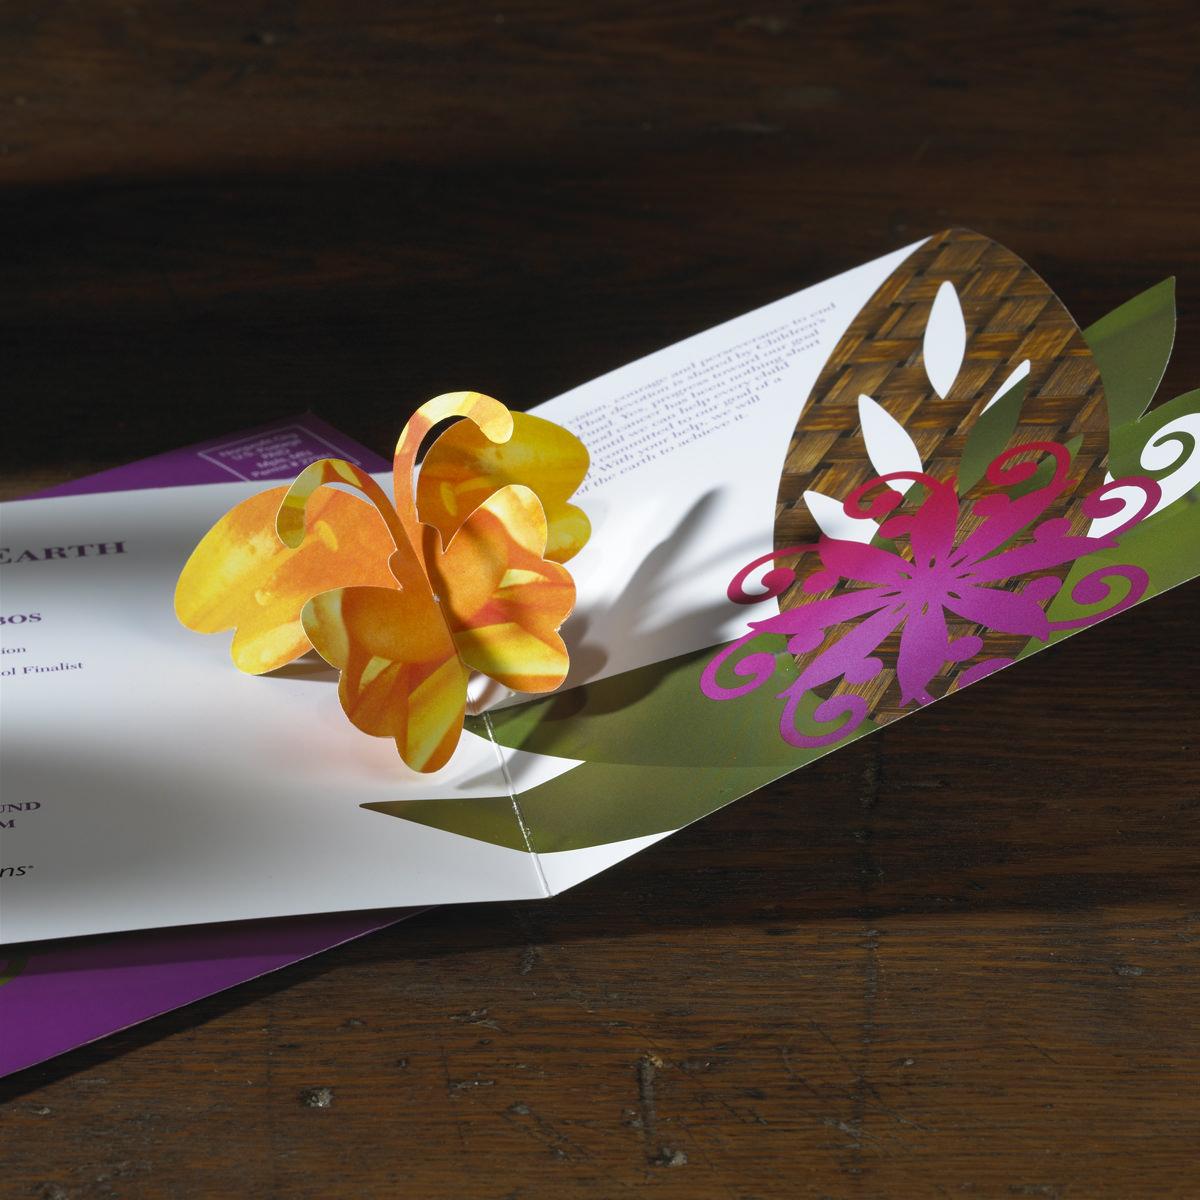 Pro bono design of the Children's Cancer Research Fund Gala invitation